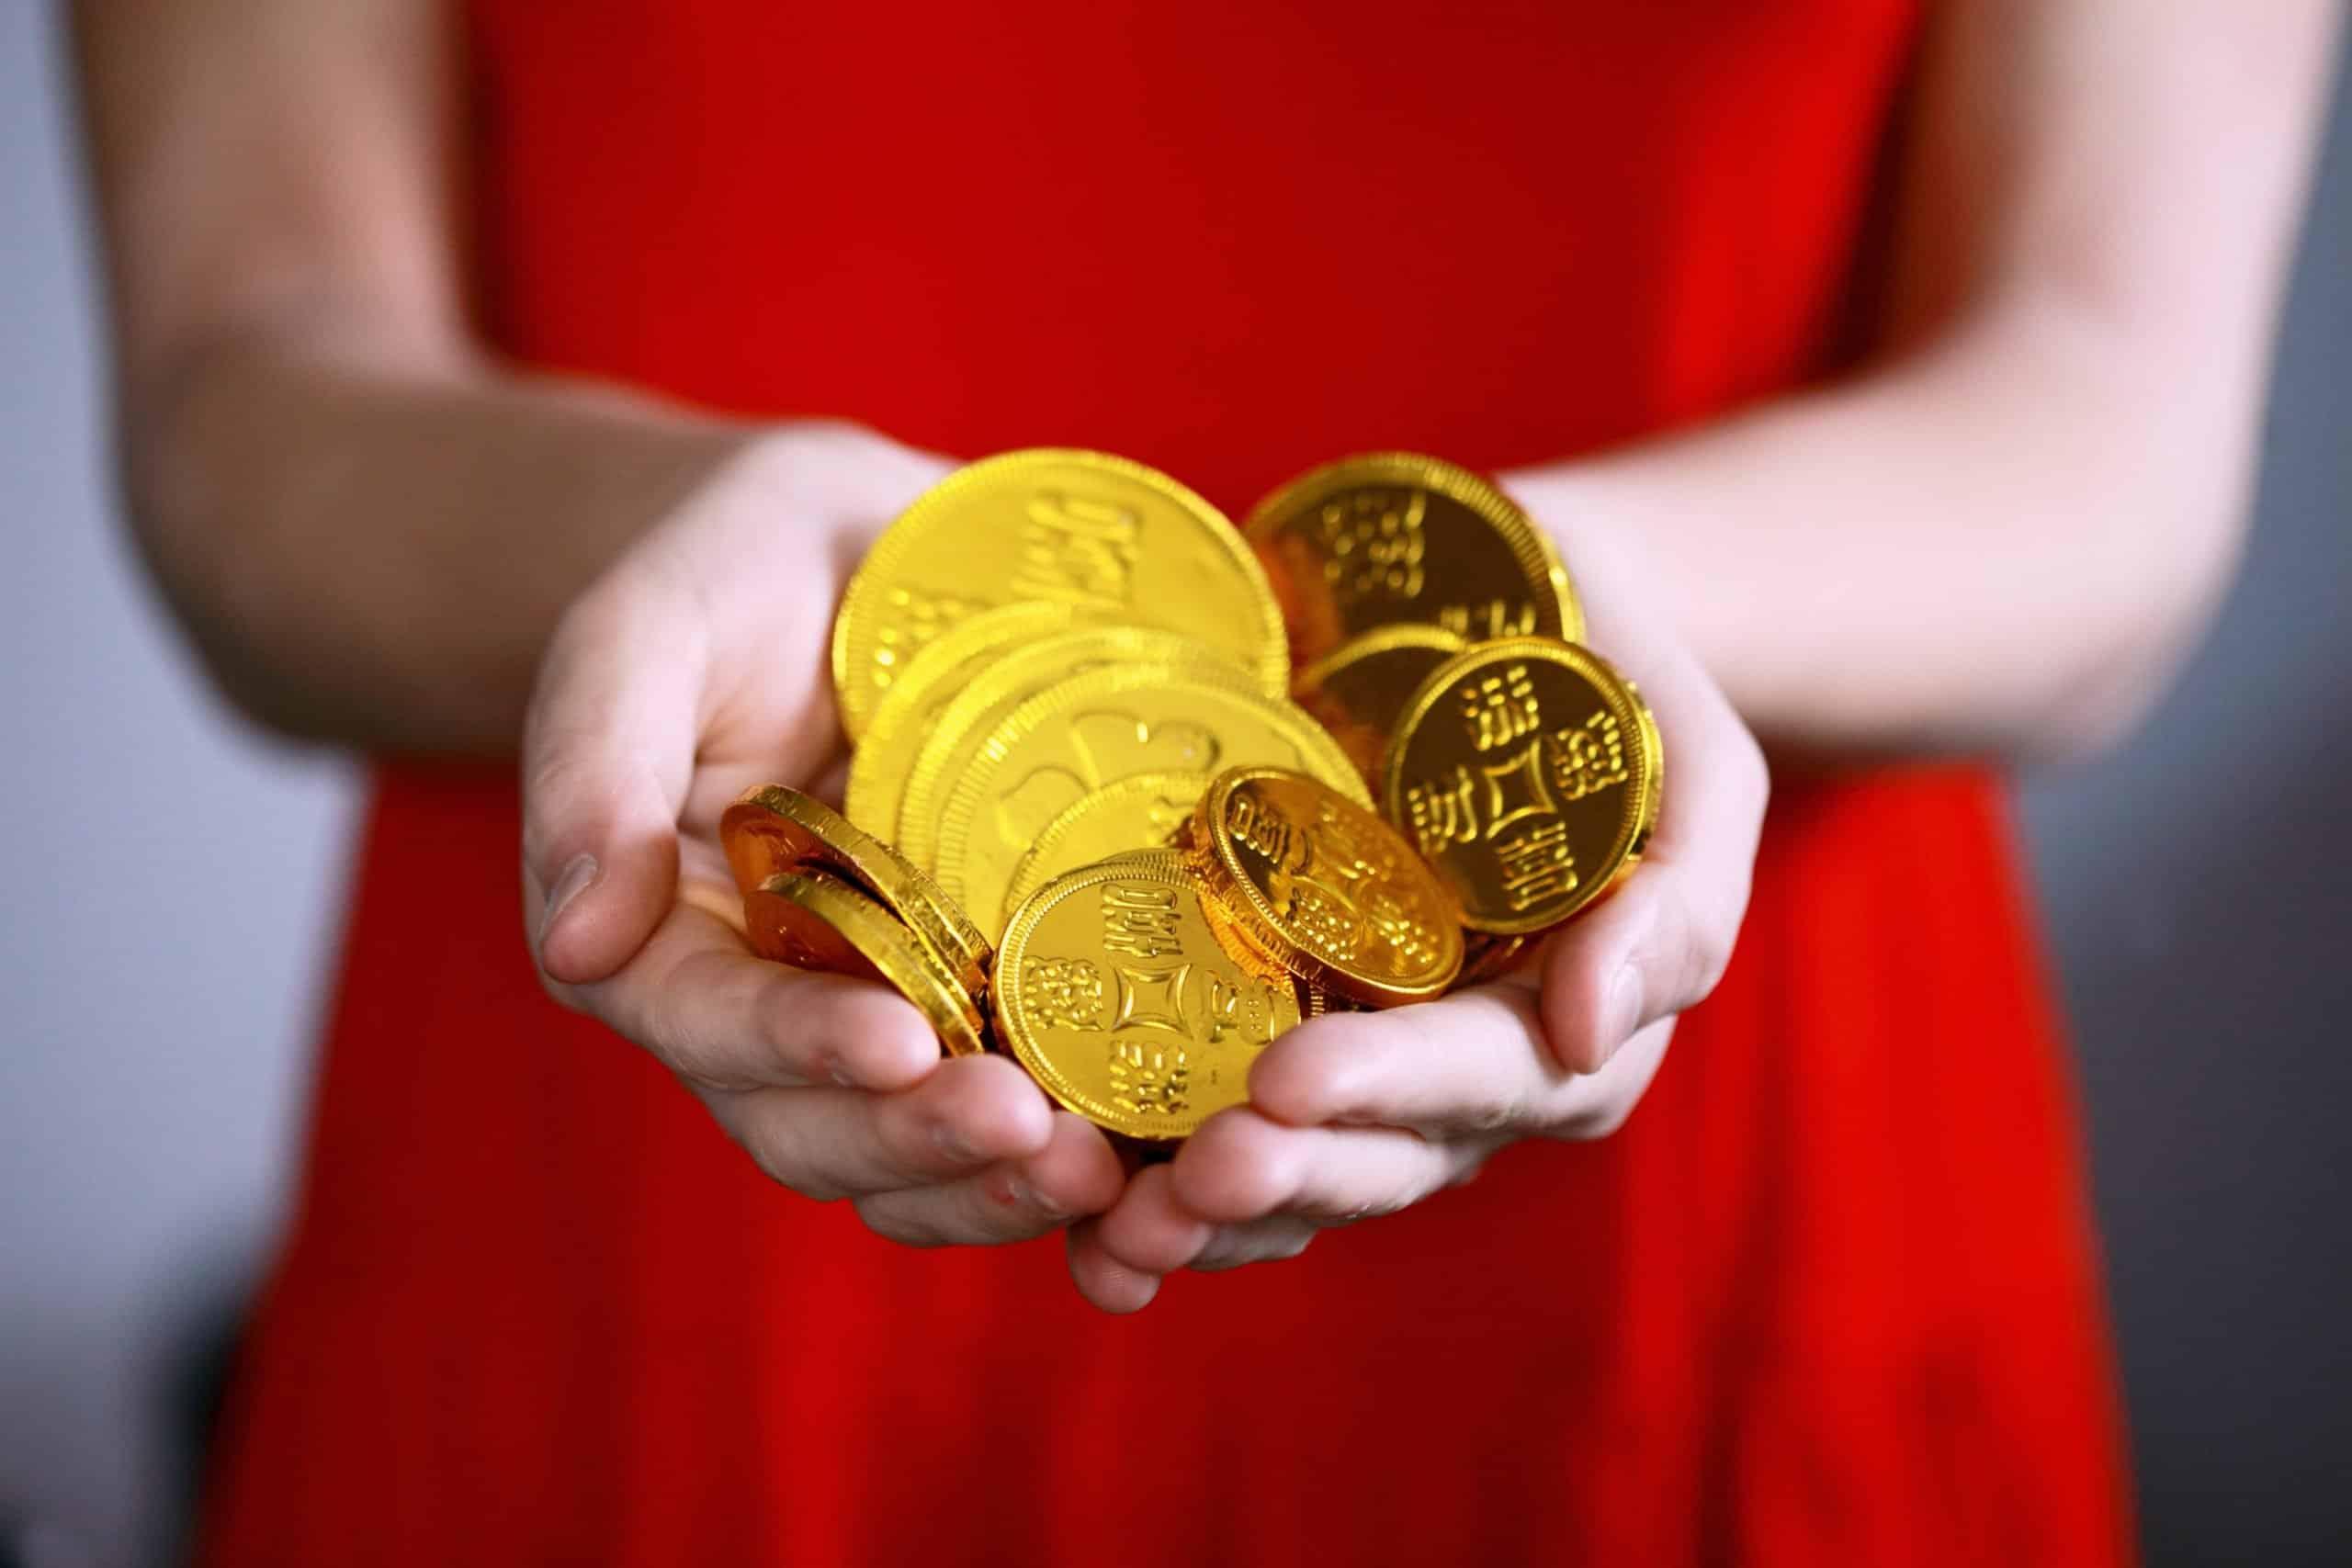 mit kell kereskedni, hogy pénzt keressen